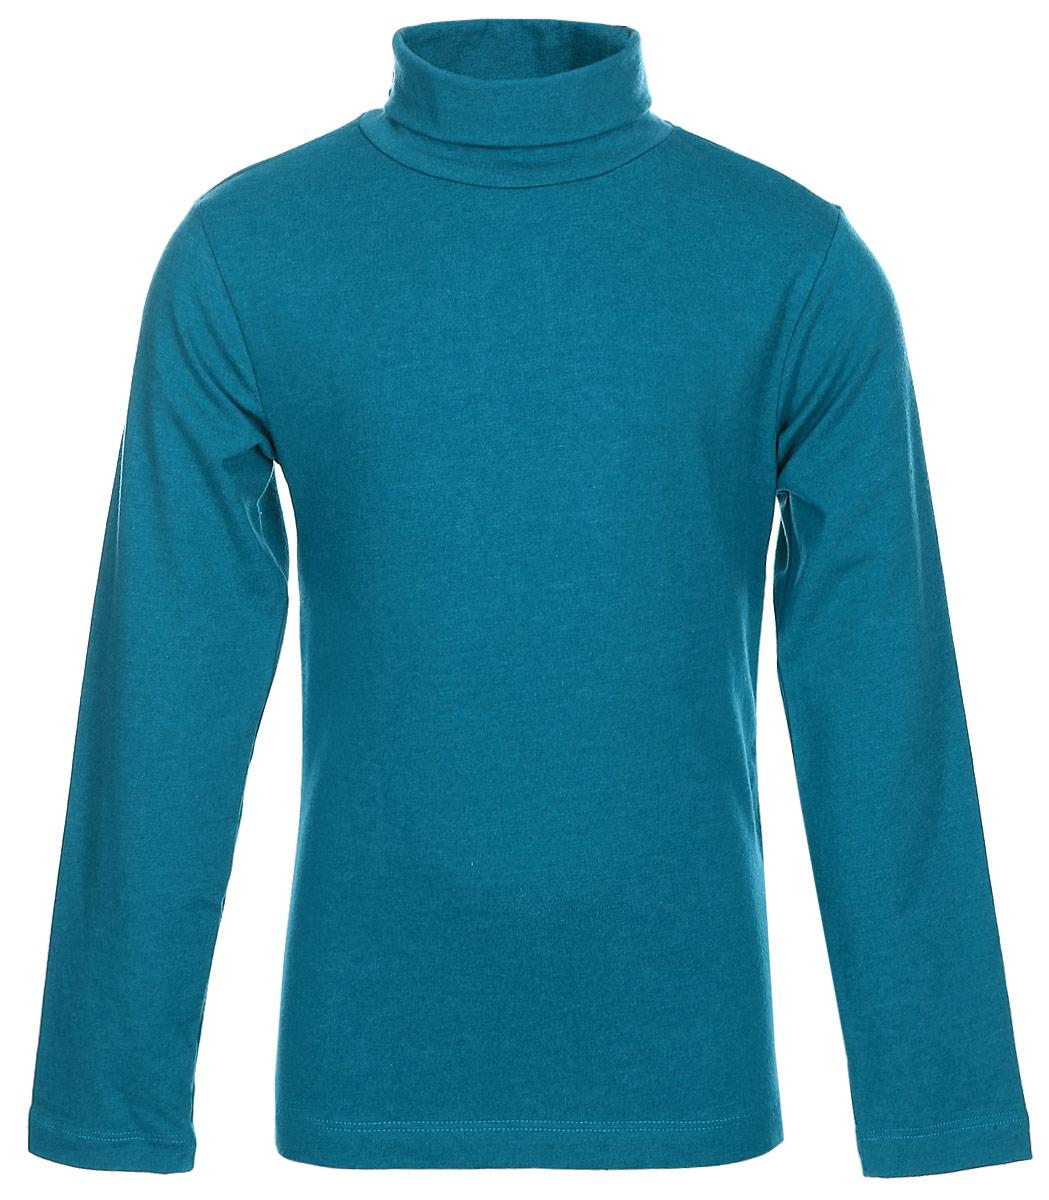 Джемпер для мальчиков Sela, цвет: сине-зеленый меланж. Tt-711/352-7341. Размер 104, 4 годаTt-711/352-7341